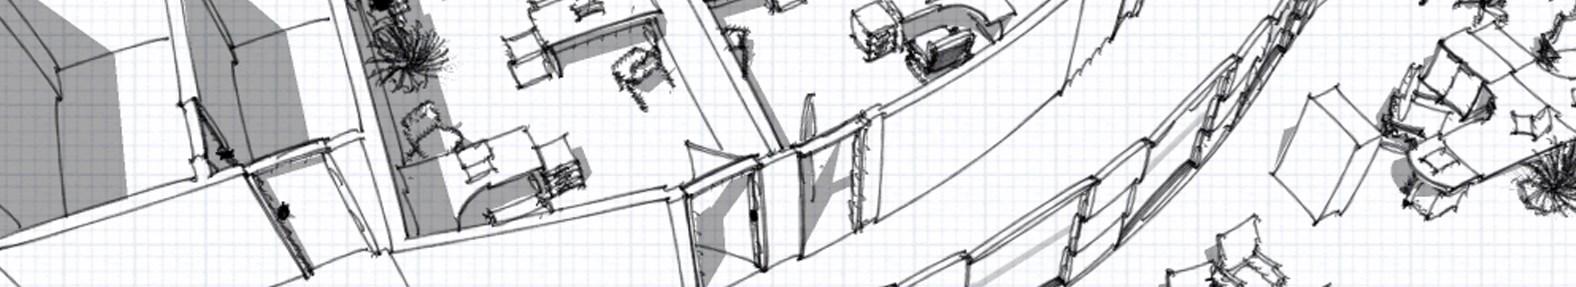 مجموعة التكامل لمواقع البناء - خدمات ما قبل البناء